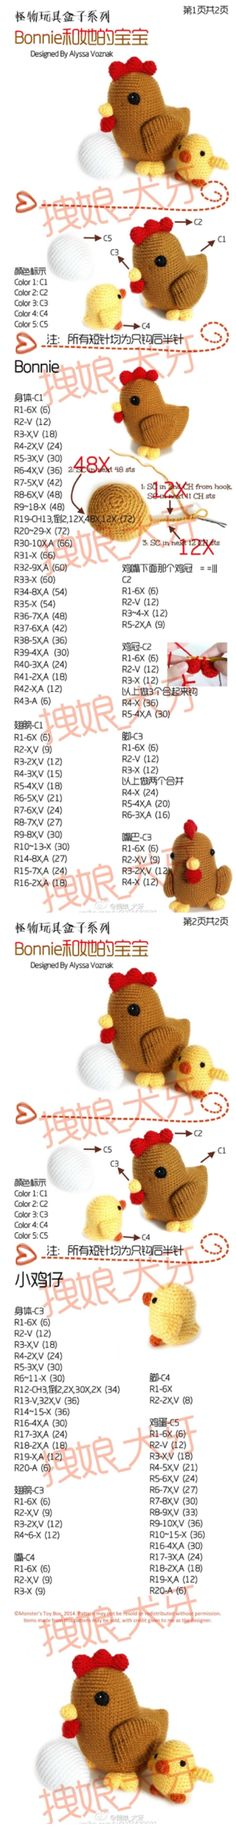 堆糖-美好生活研究所 Crochet Birds, Easter Crochet, Love Crochet, Crochet Animals, Diy Crochet, Crochet Crafts, Crochet Dolls, Crochet Chicken, Crochet Christmas Trees